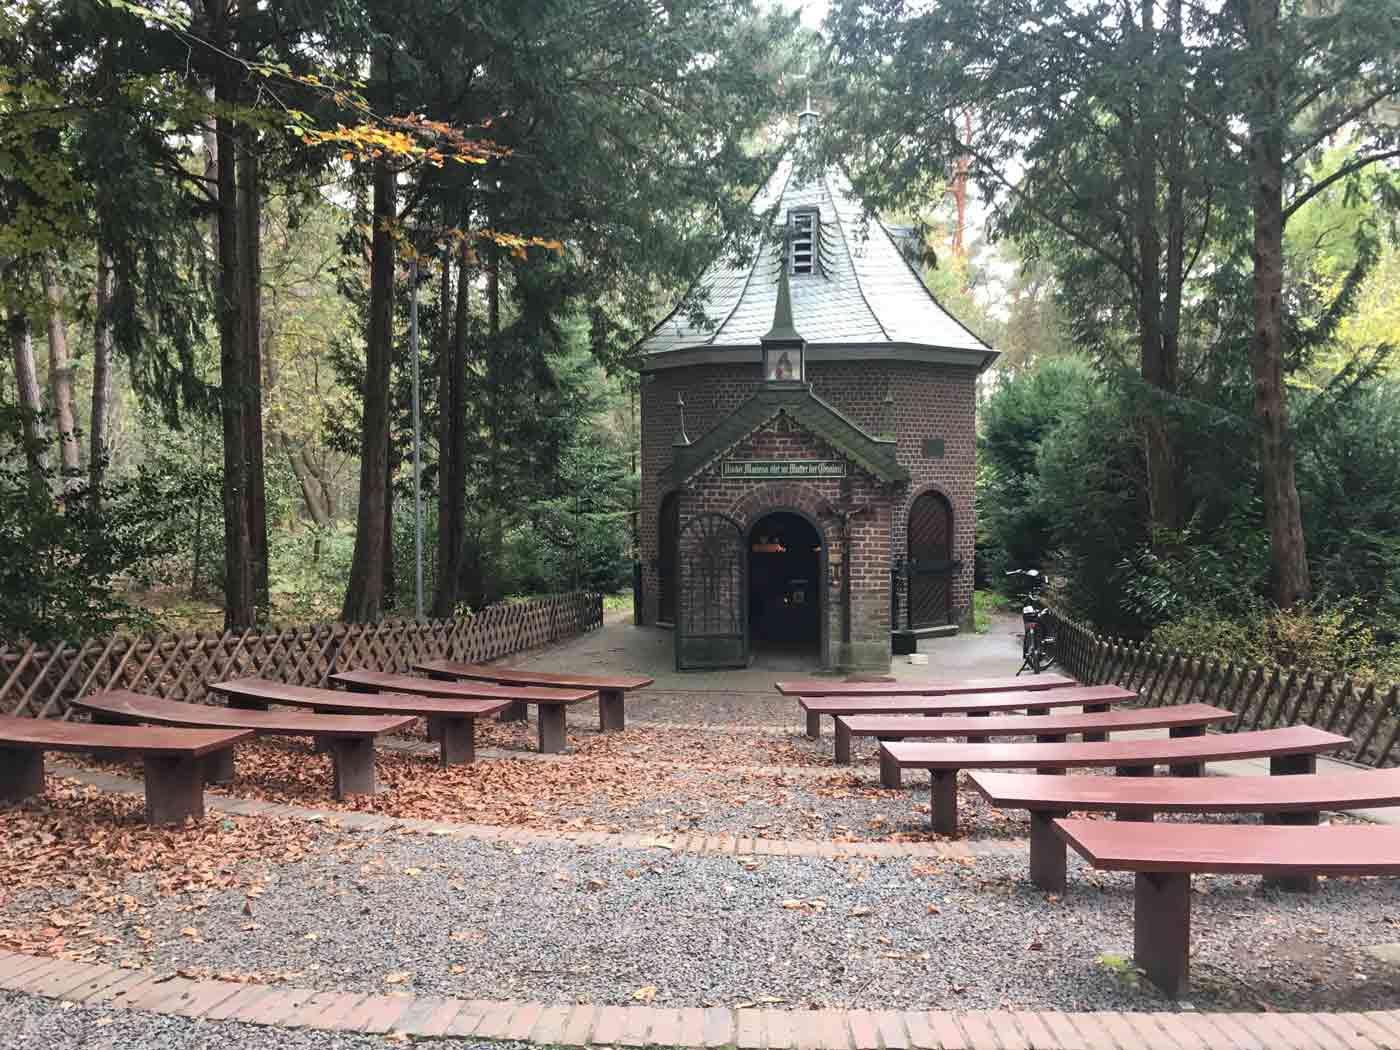 Birgeler-Urwald-Wandern-nrw-trekkinglife-04